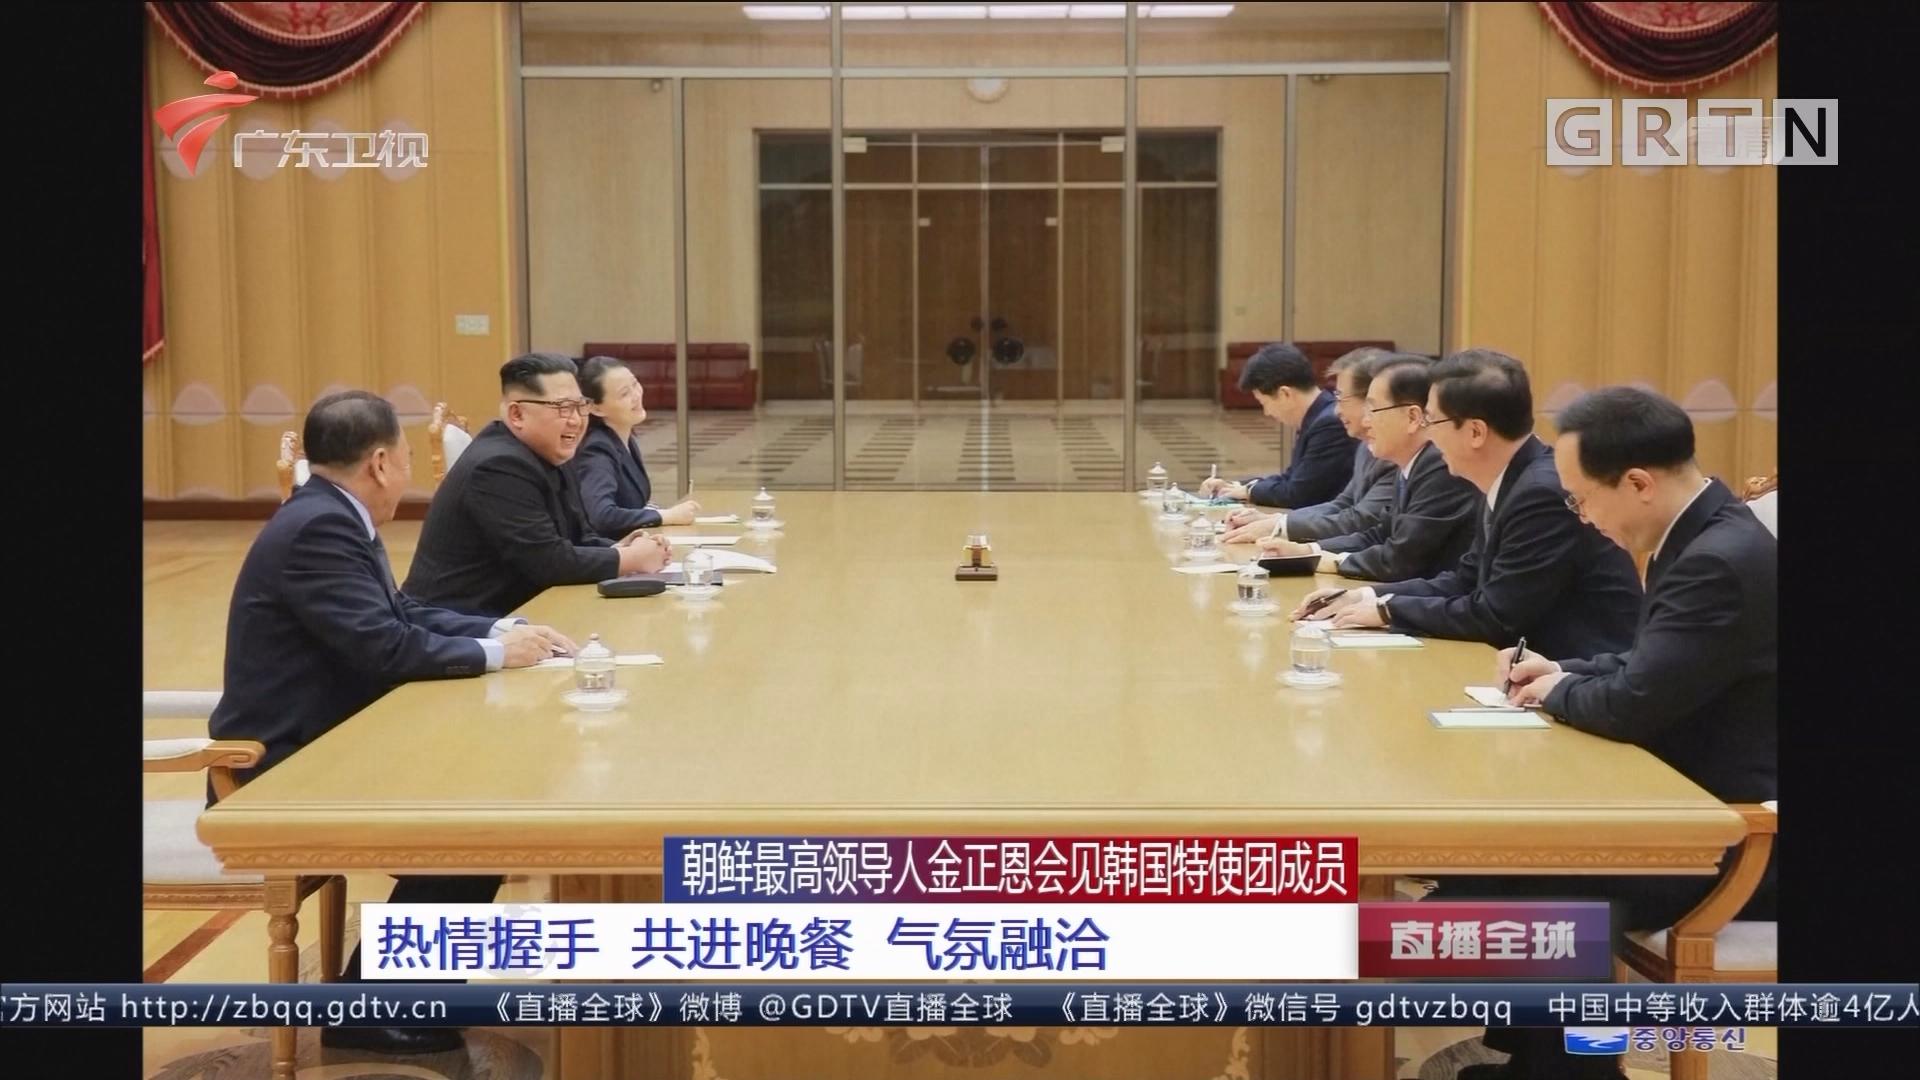 朝鲜最高领导人金正恩会见韩国特使团成员:热情握手 共进晚餐 气氛融洽